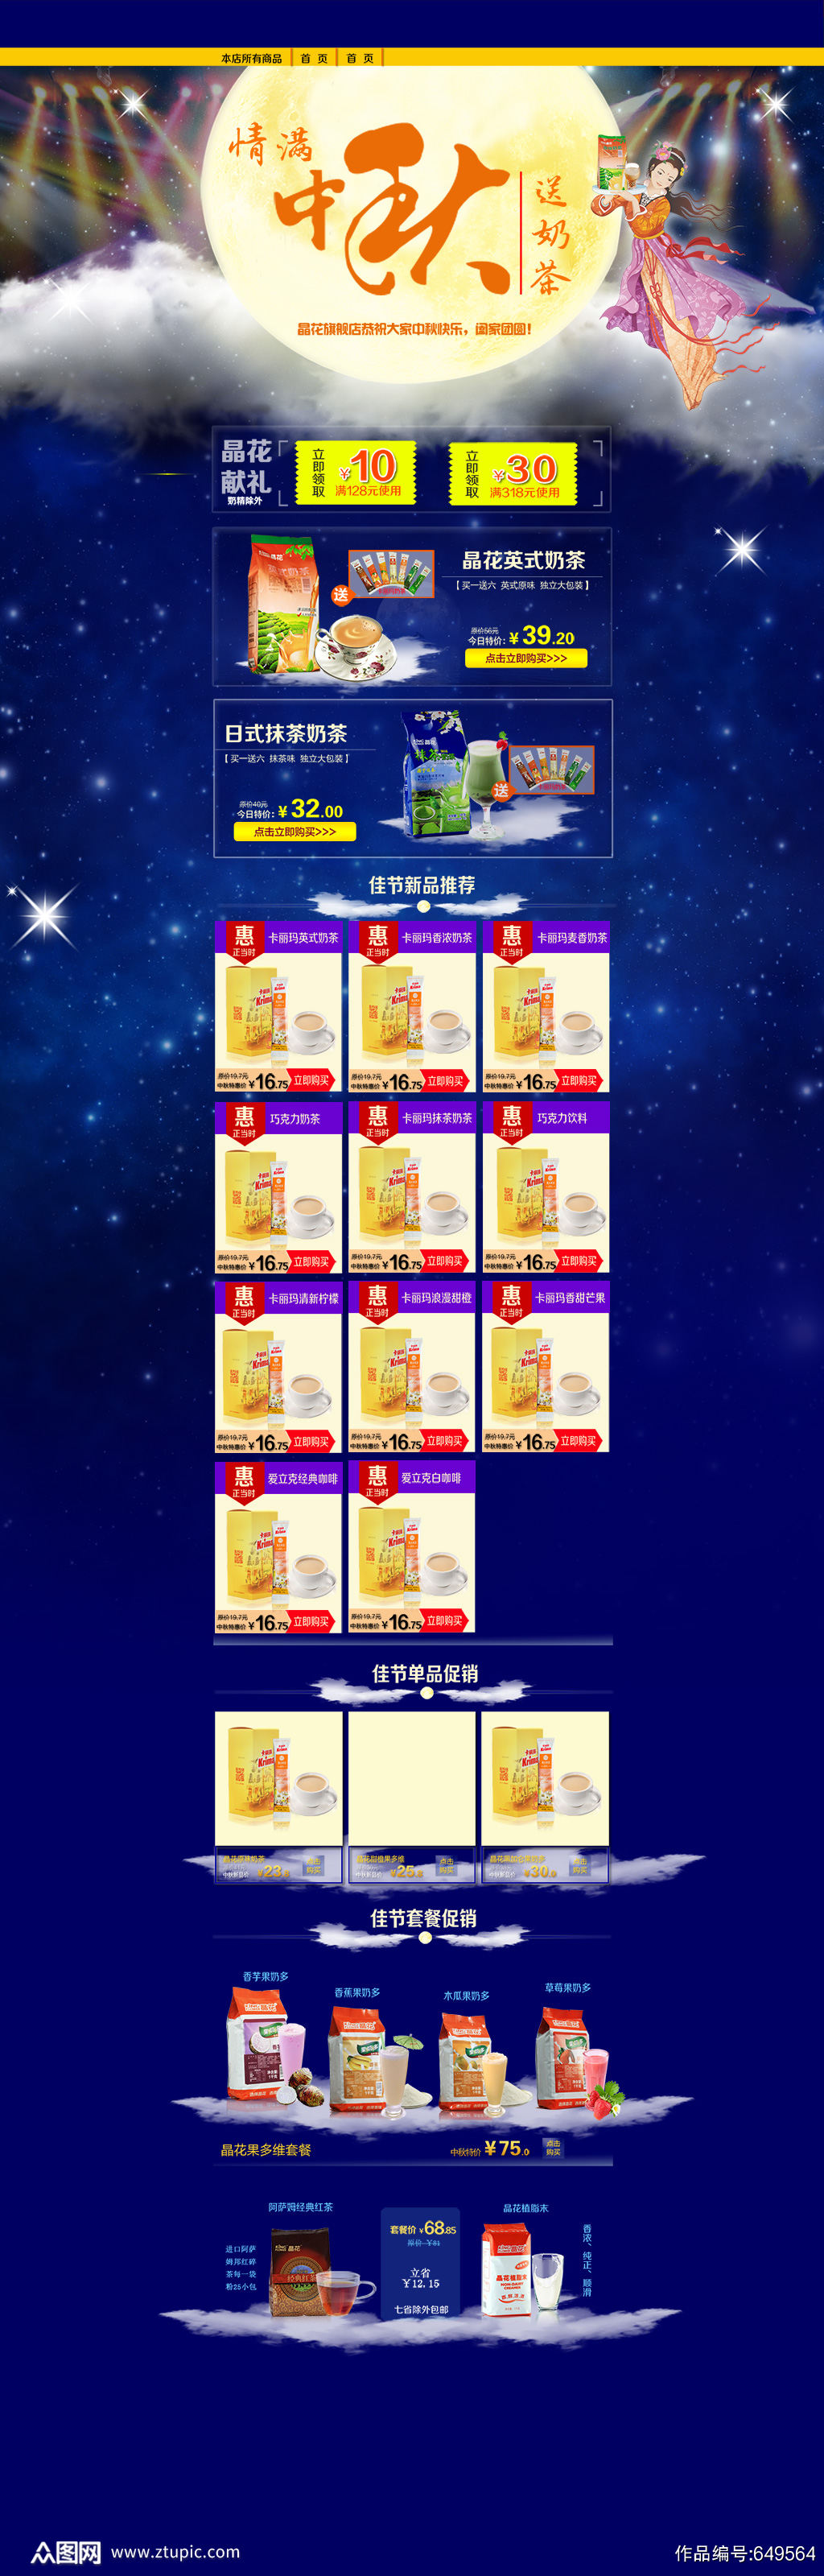 中秋节活动促销首页设计素材